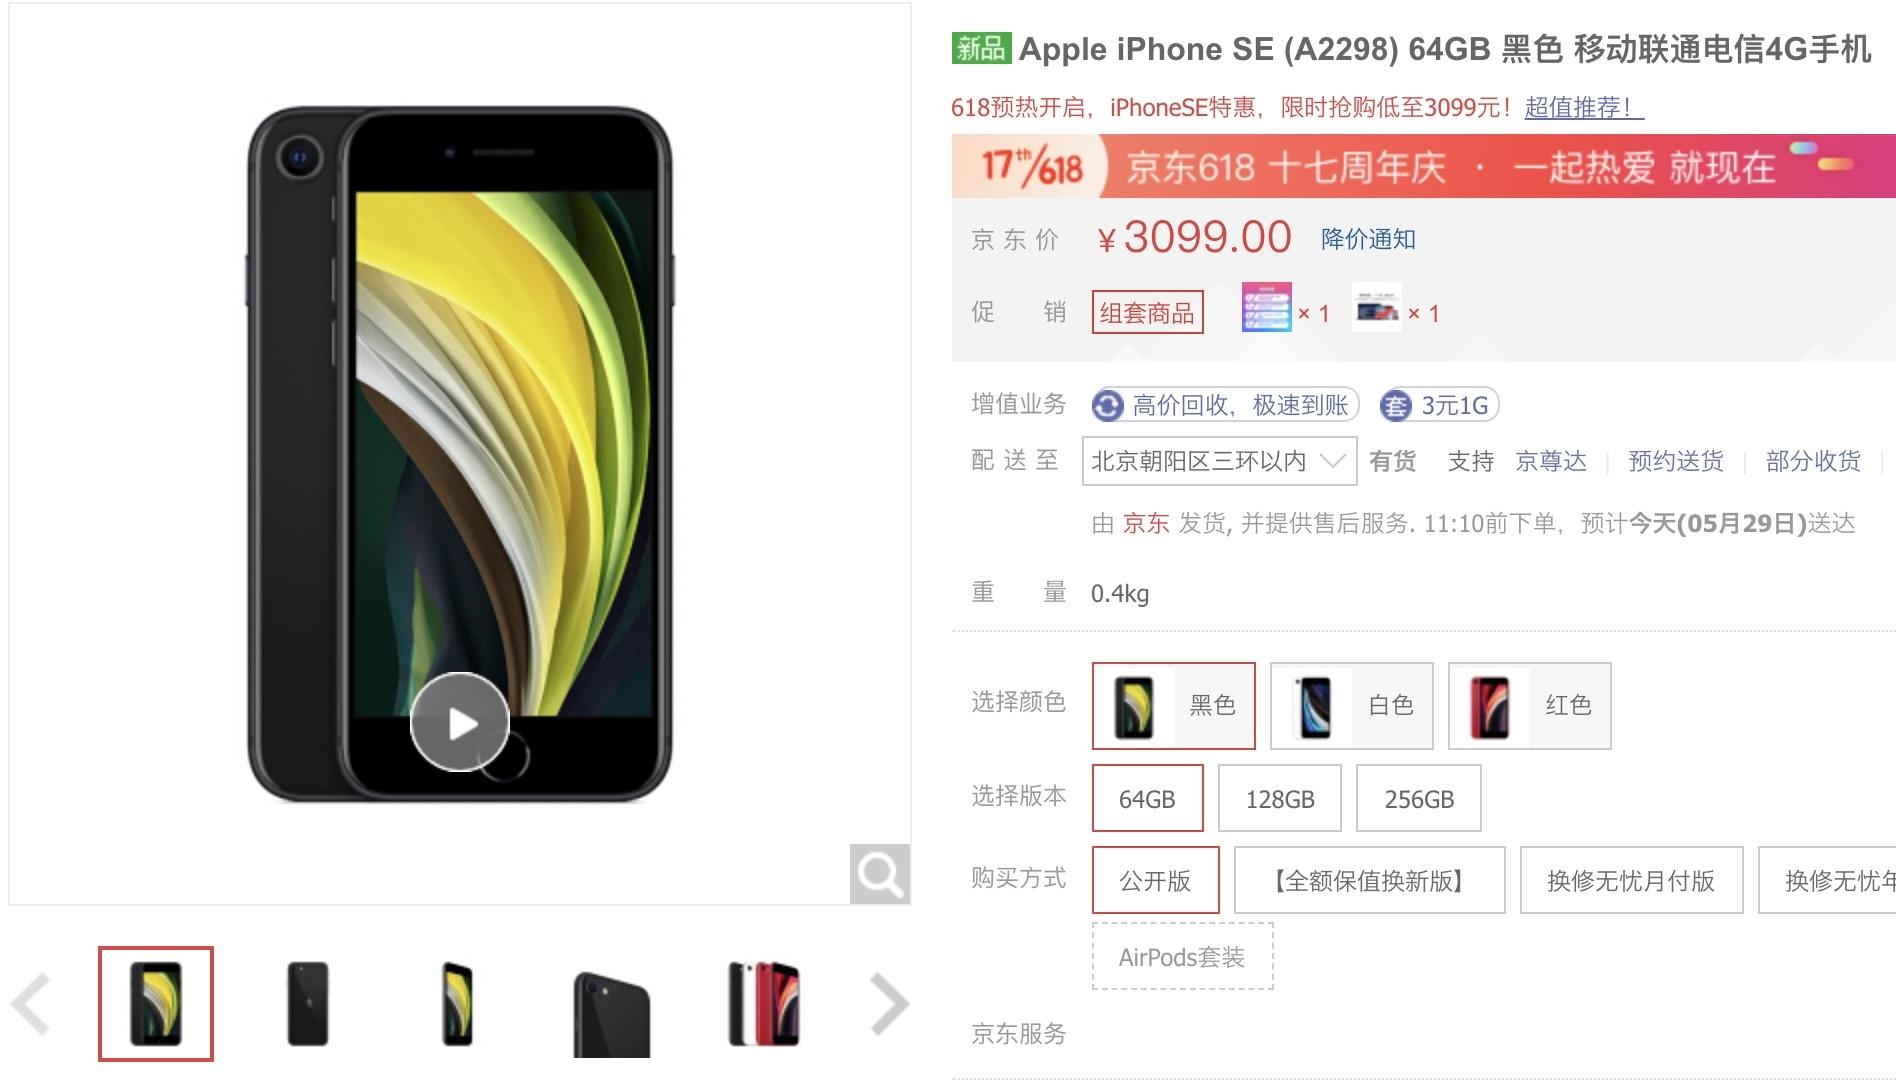 苹果滞销快帮忙 京东618促销iPhoneSE仅需3099元